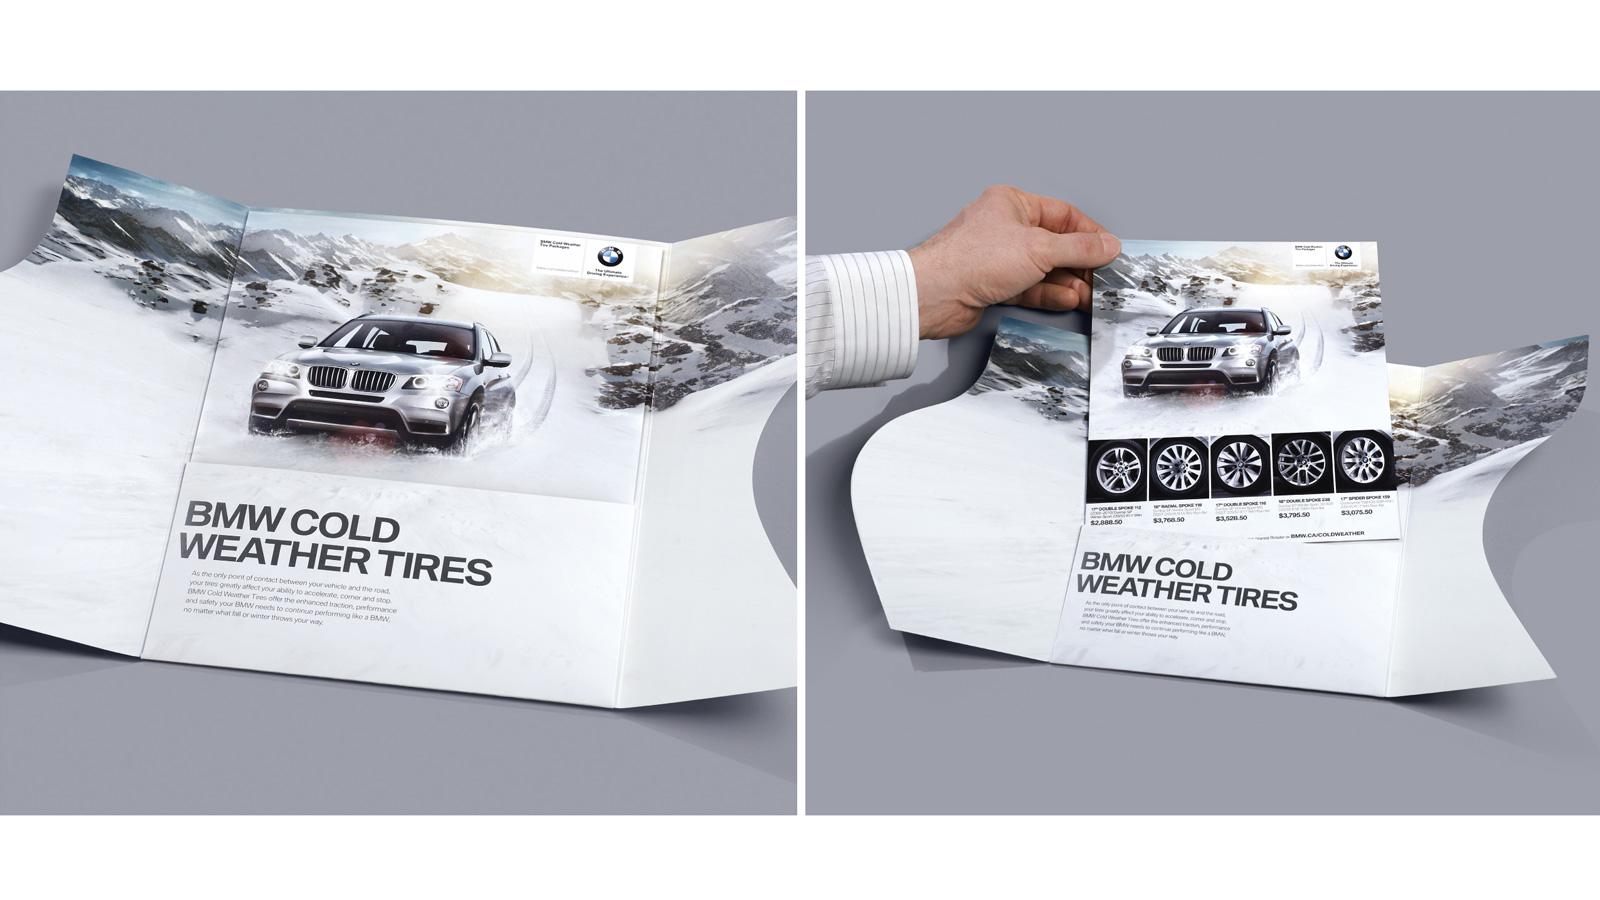 BMW Canada   Snow Tires Cutting Through DM   Direct Marketing